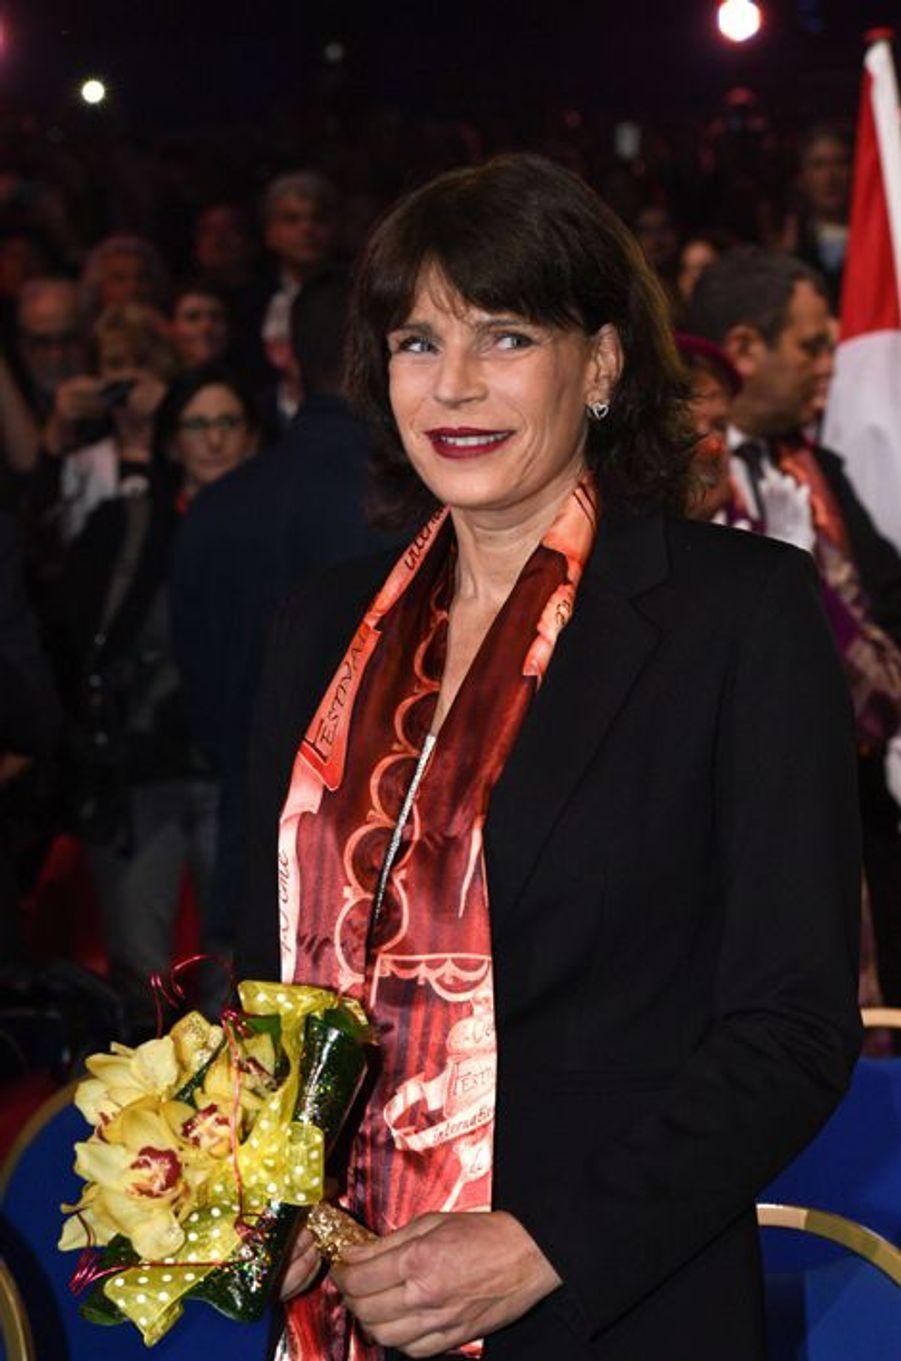 La princesse Stéphanie de Monaco au 40e Festival international du cirque de Monte-Carlo à Monaco, le 14 janvier 2016